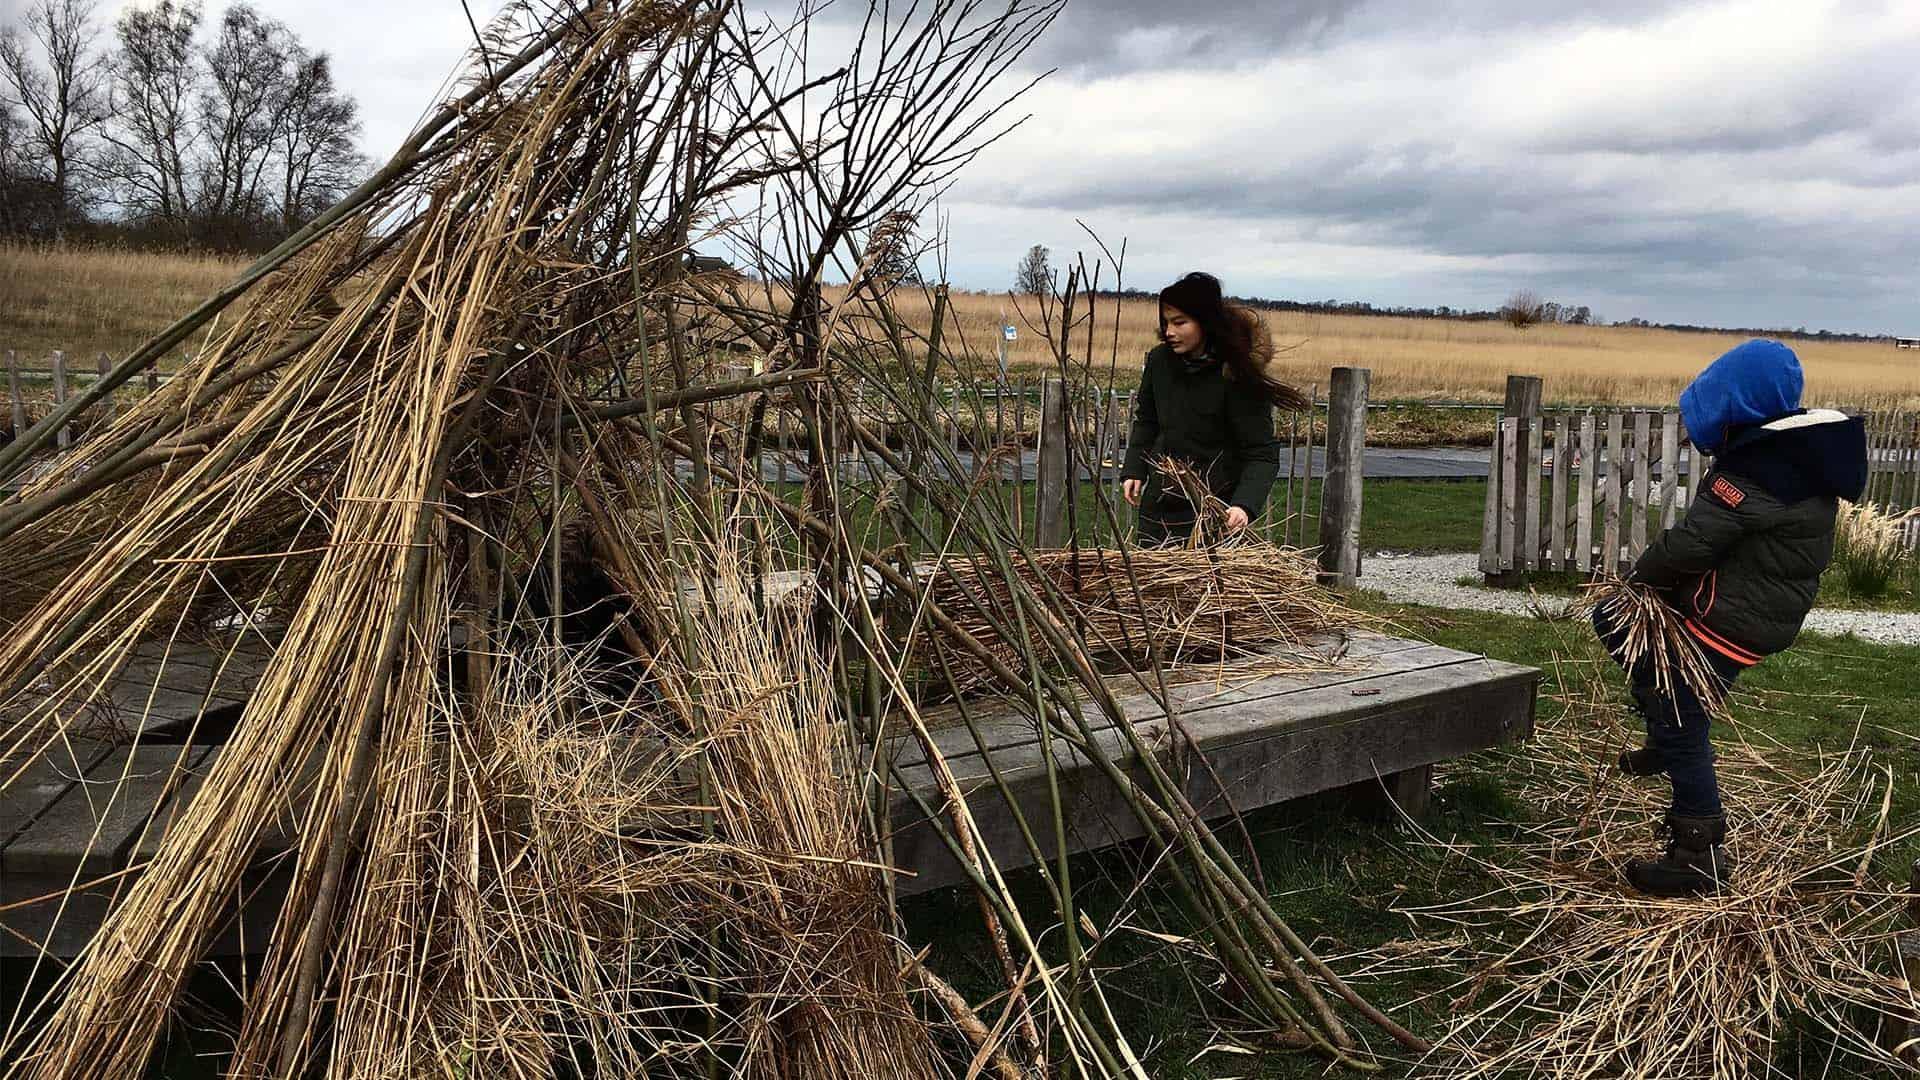 foto huttenbouwen met landschap als achtergrond-1